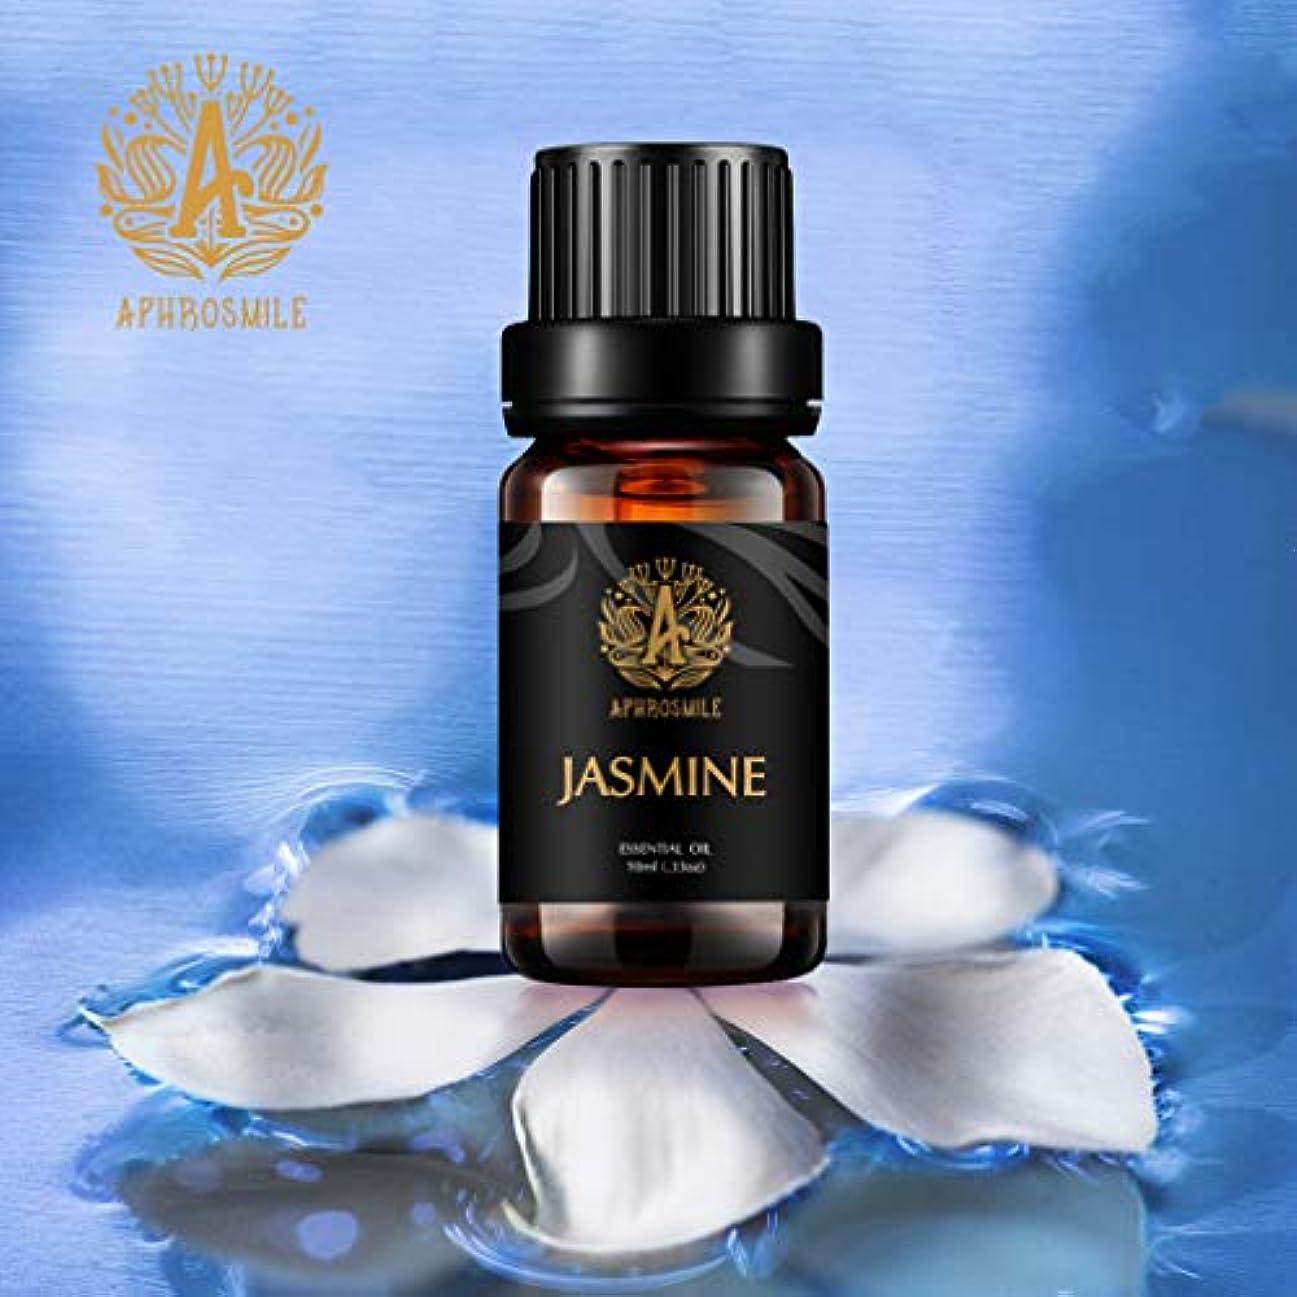 葉を集めるメッシュ約設定ジャスミンエッセンシャルオイル、100%純粋なアロマセラピーエッセンシャルオイルジャスミンの香りと甘い花の香り、治療上の等級の精油のジャスミンの芳香為に拡散器、マッサージ、加湿器、毎日の心配、0.33オンス-10ml